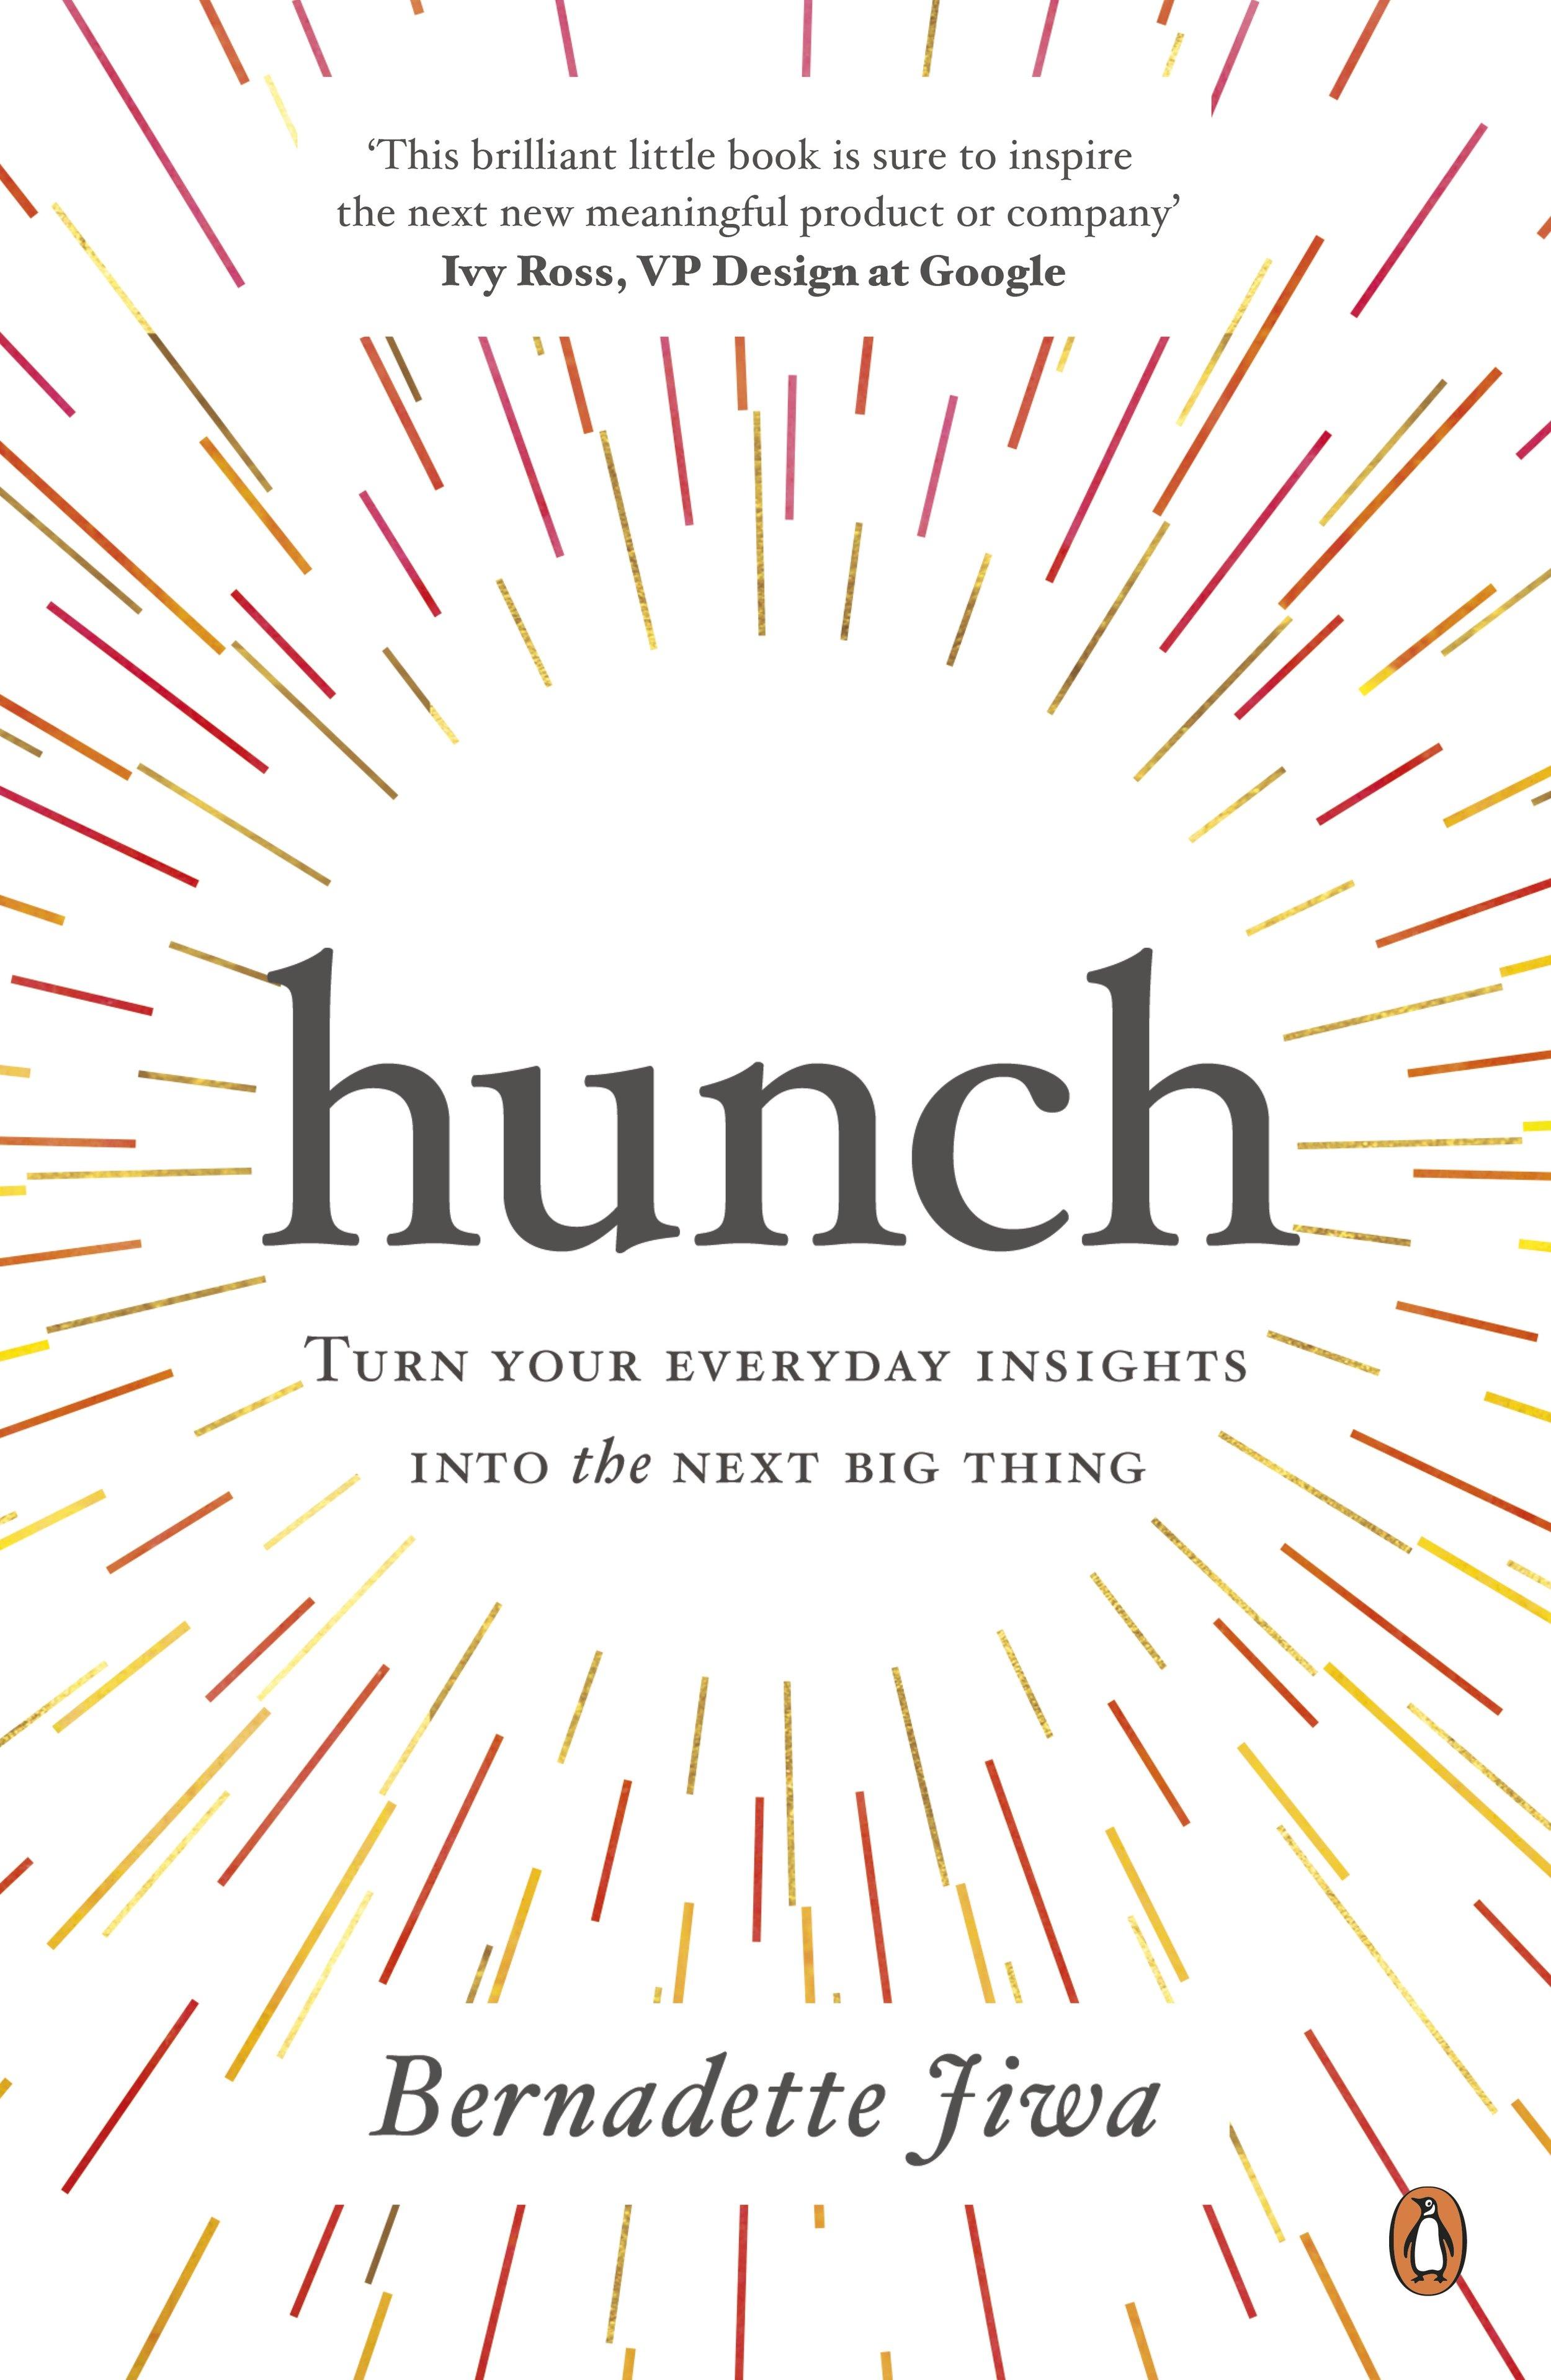 Hunch by Bernadette Jiwa